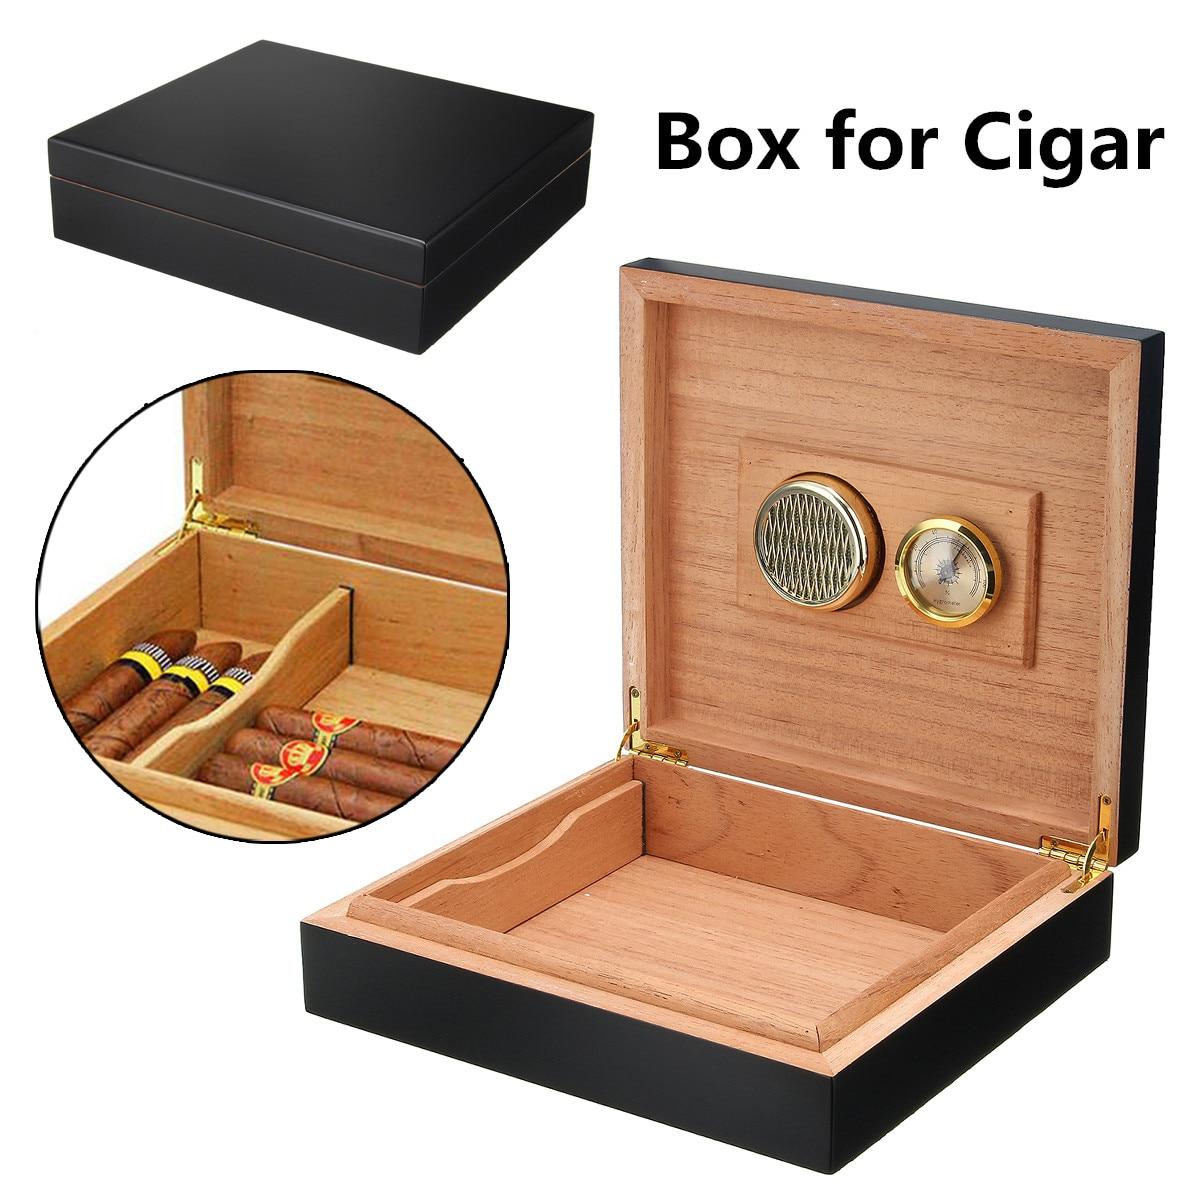 20-25 сигары черный дерево кедра с подкладкой портсигар коробка для хранения сигар с хьюмидор увлажнитель гигрометр для аксессуары